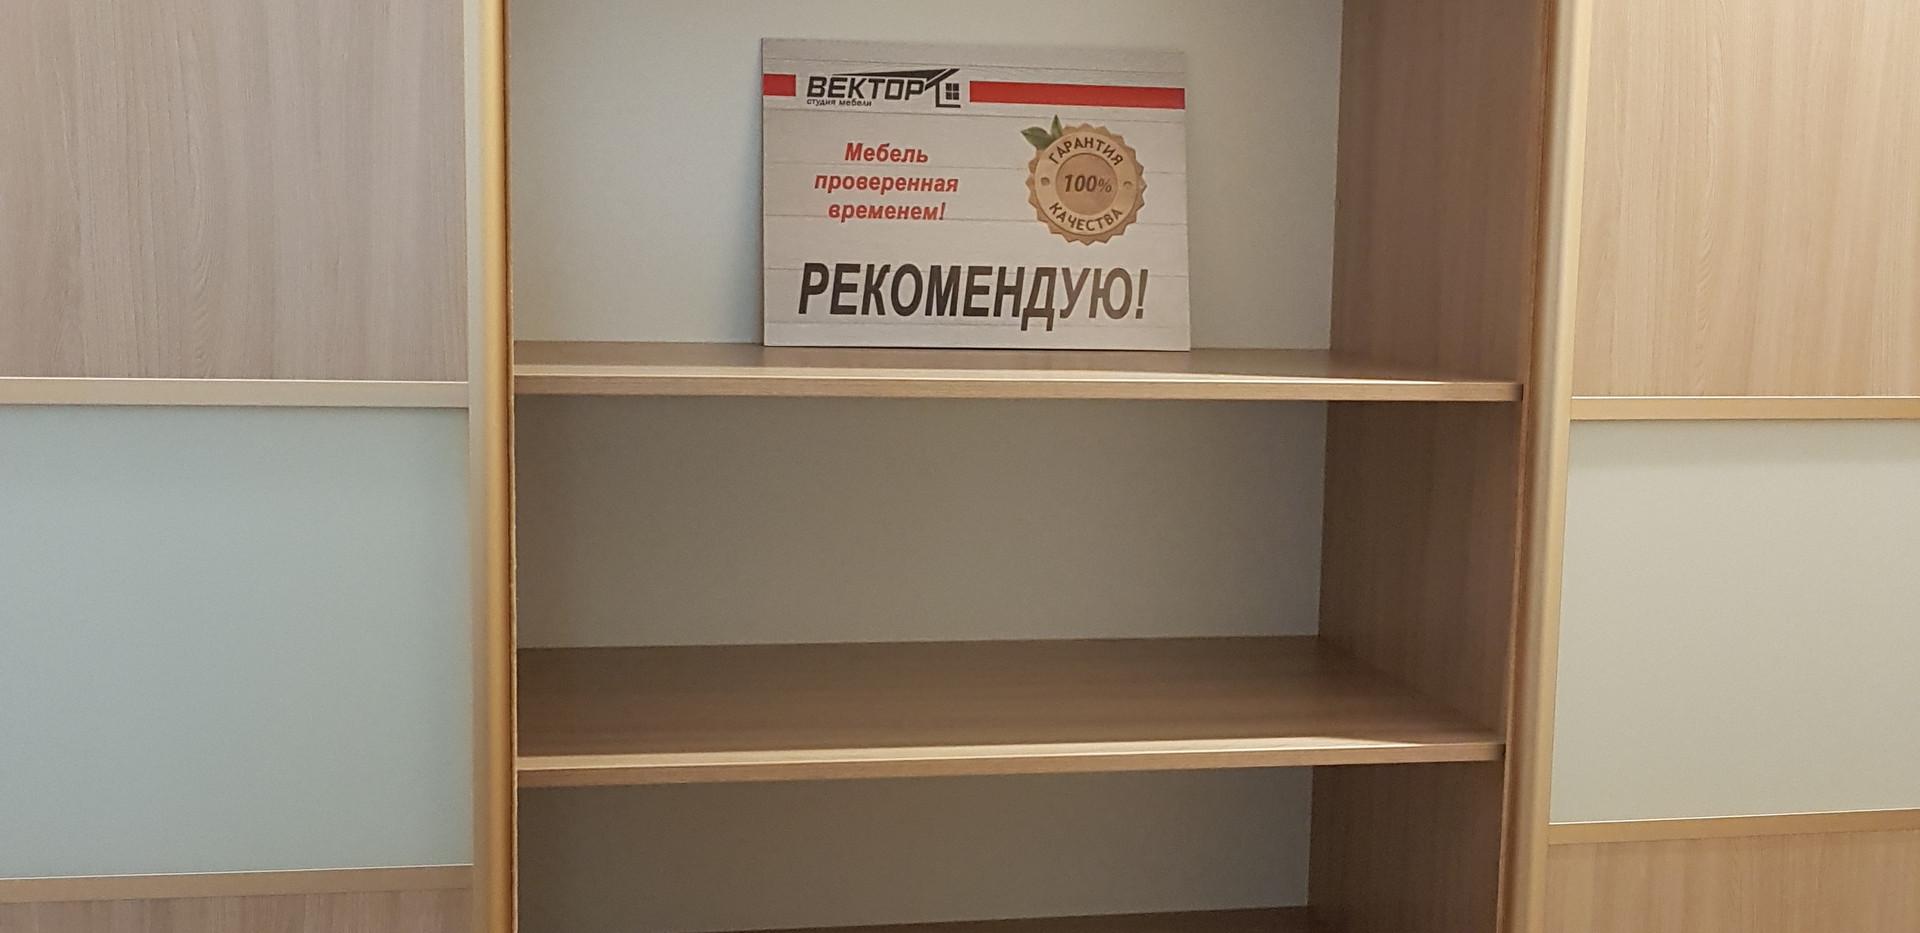 Студия мебели Вектор